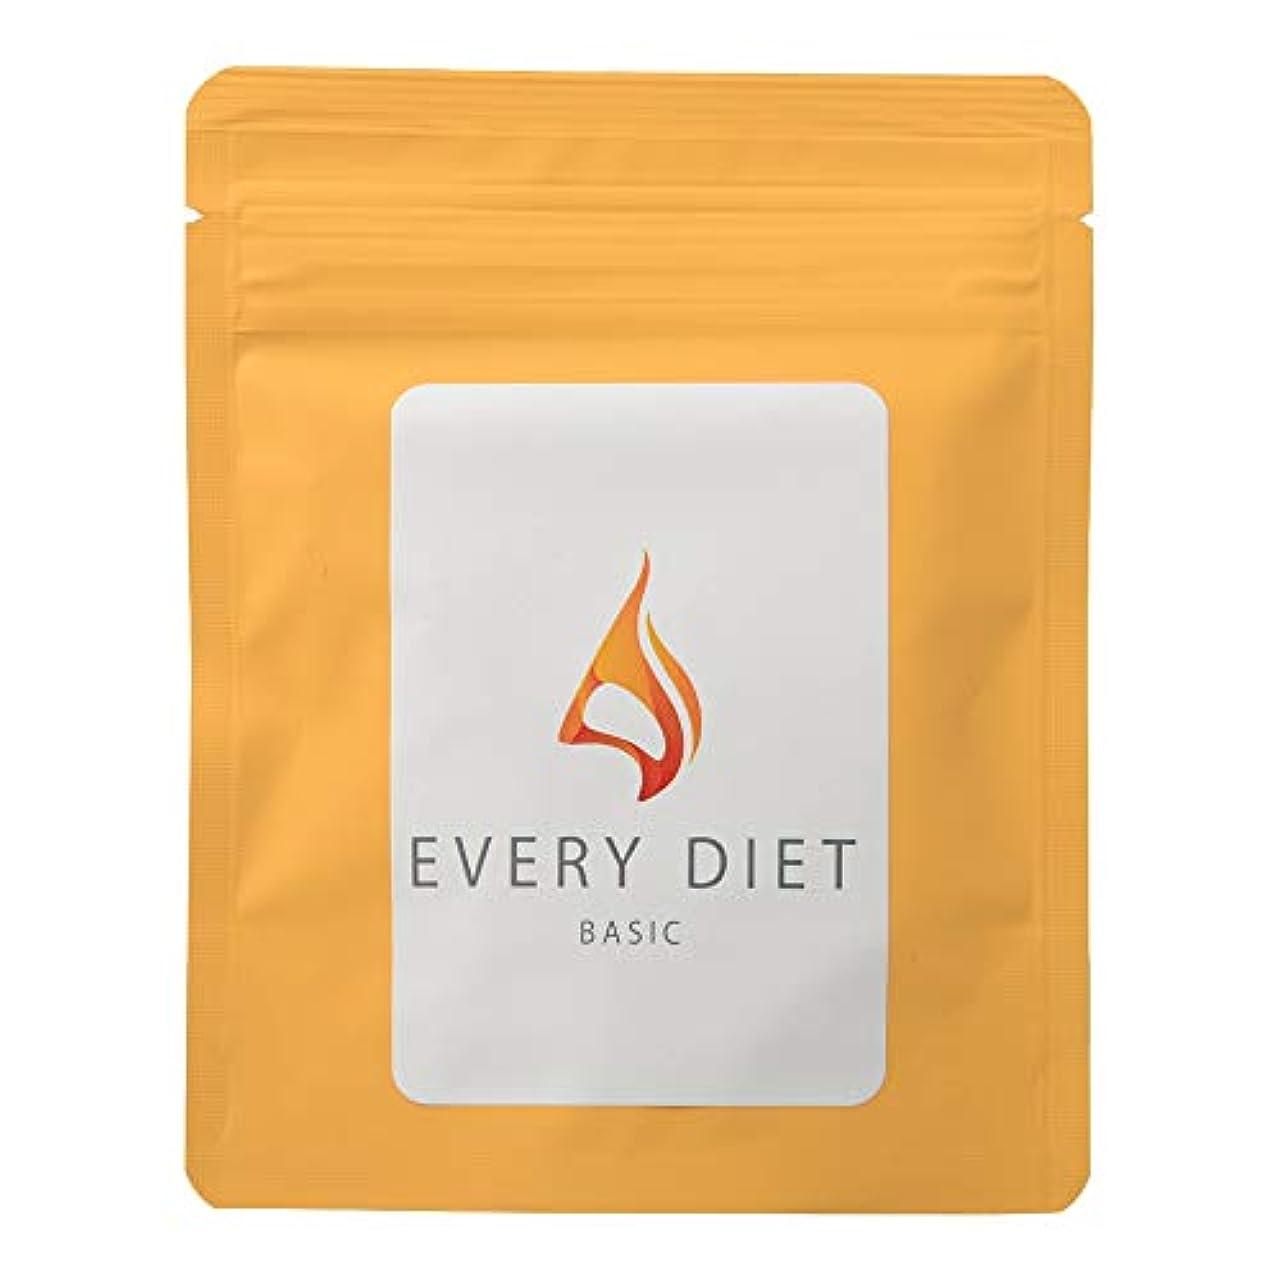 実験的拮抗周術期Every Diet Basic (エブリダイエット ベーシック) ダイエット サプリメント [内容量60粒/ 説明書付き]